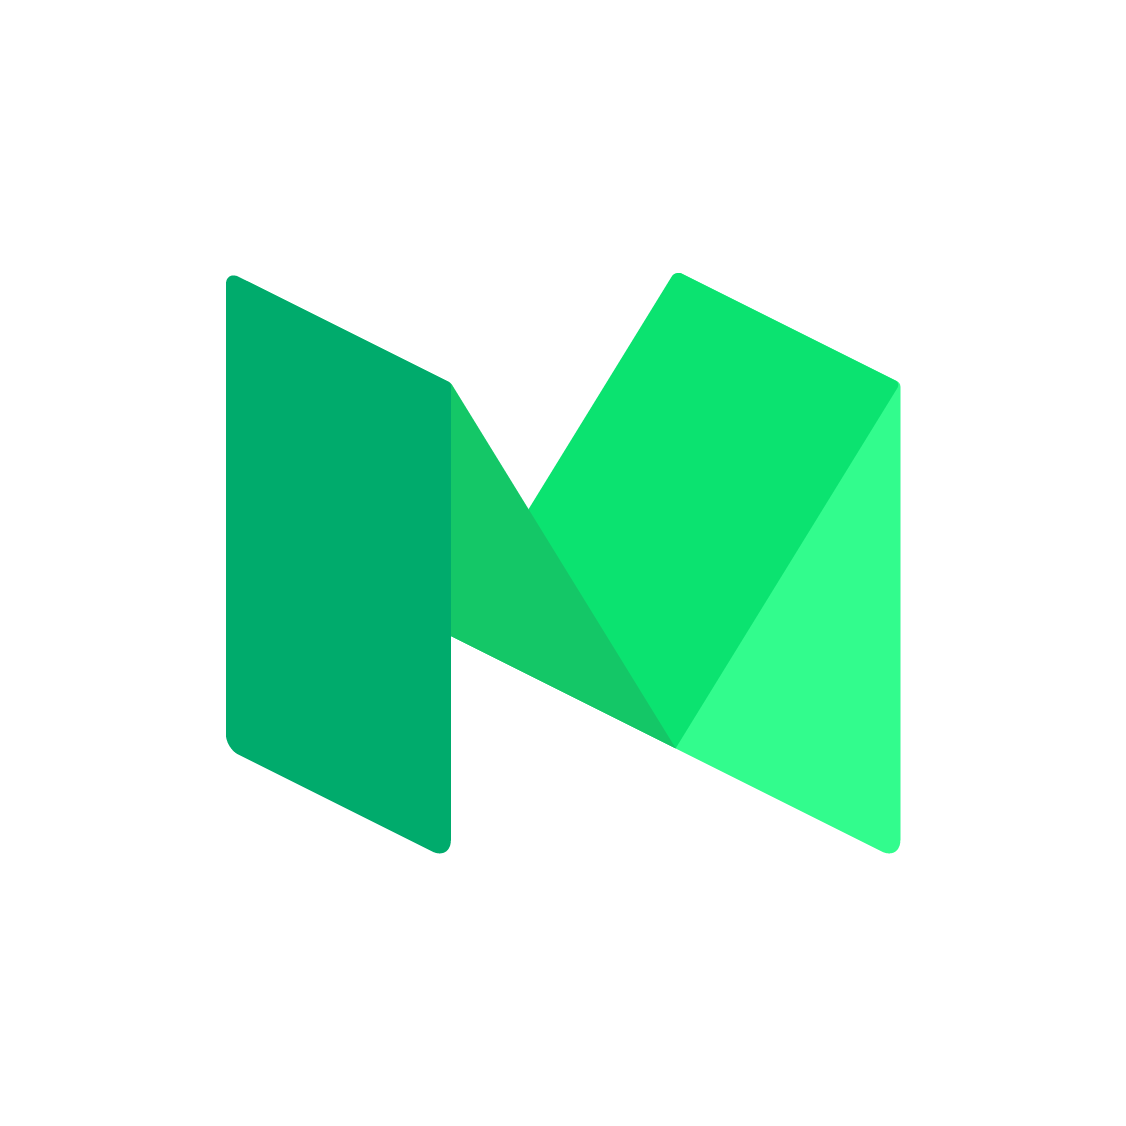 medium for content publishing